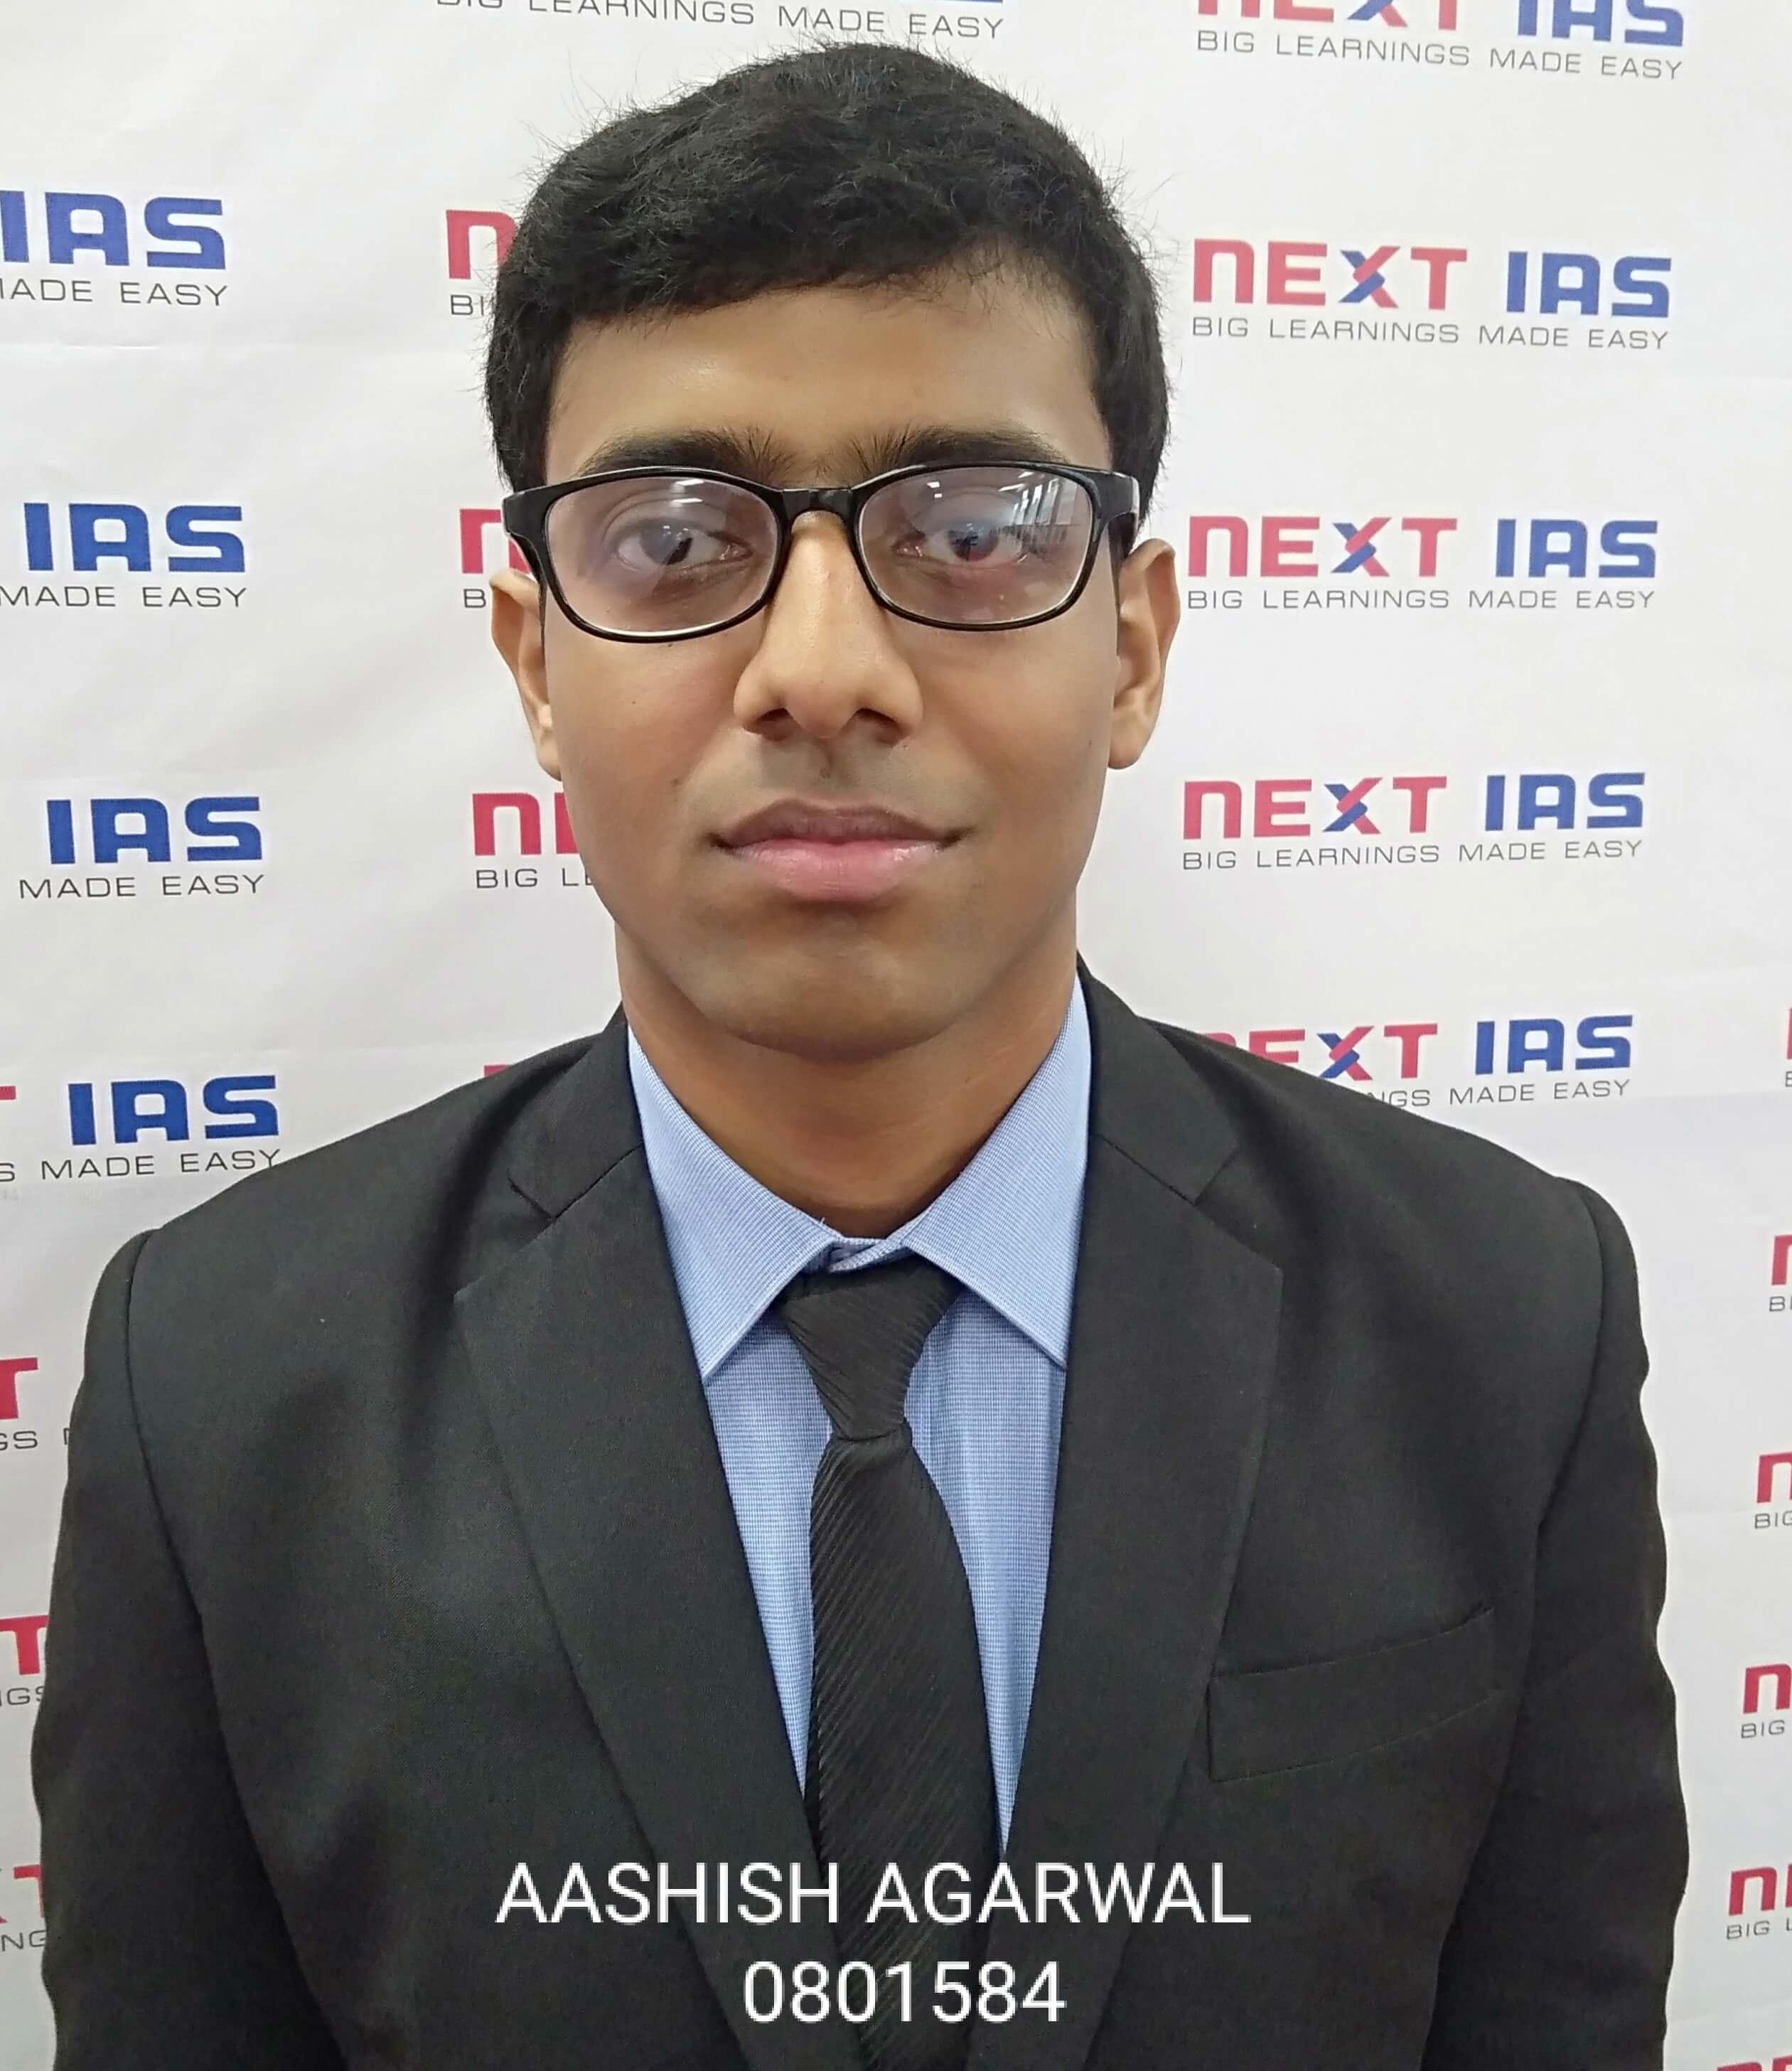 AASHISH AGARWAL